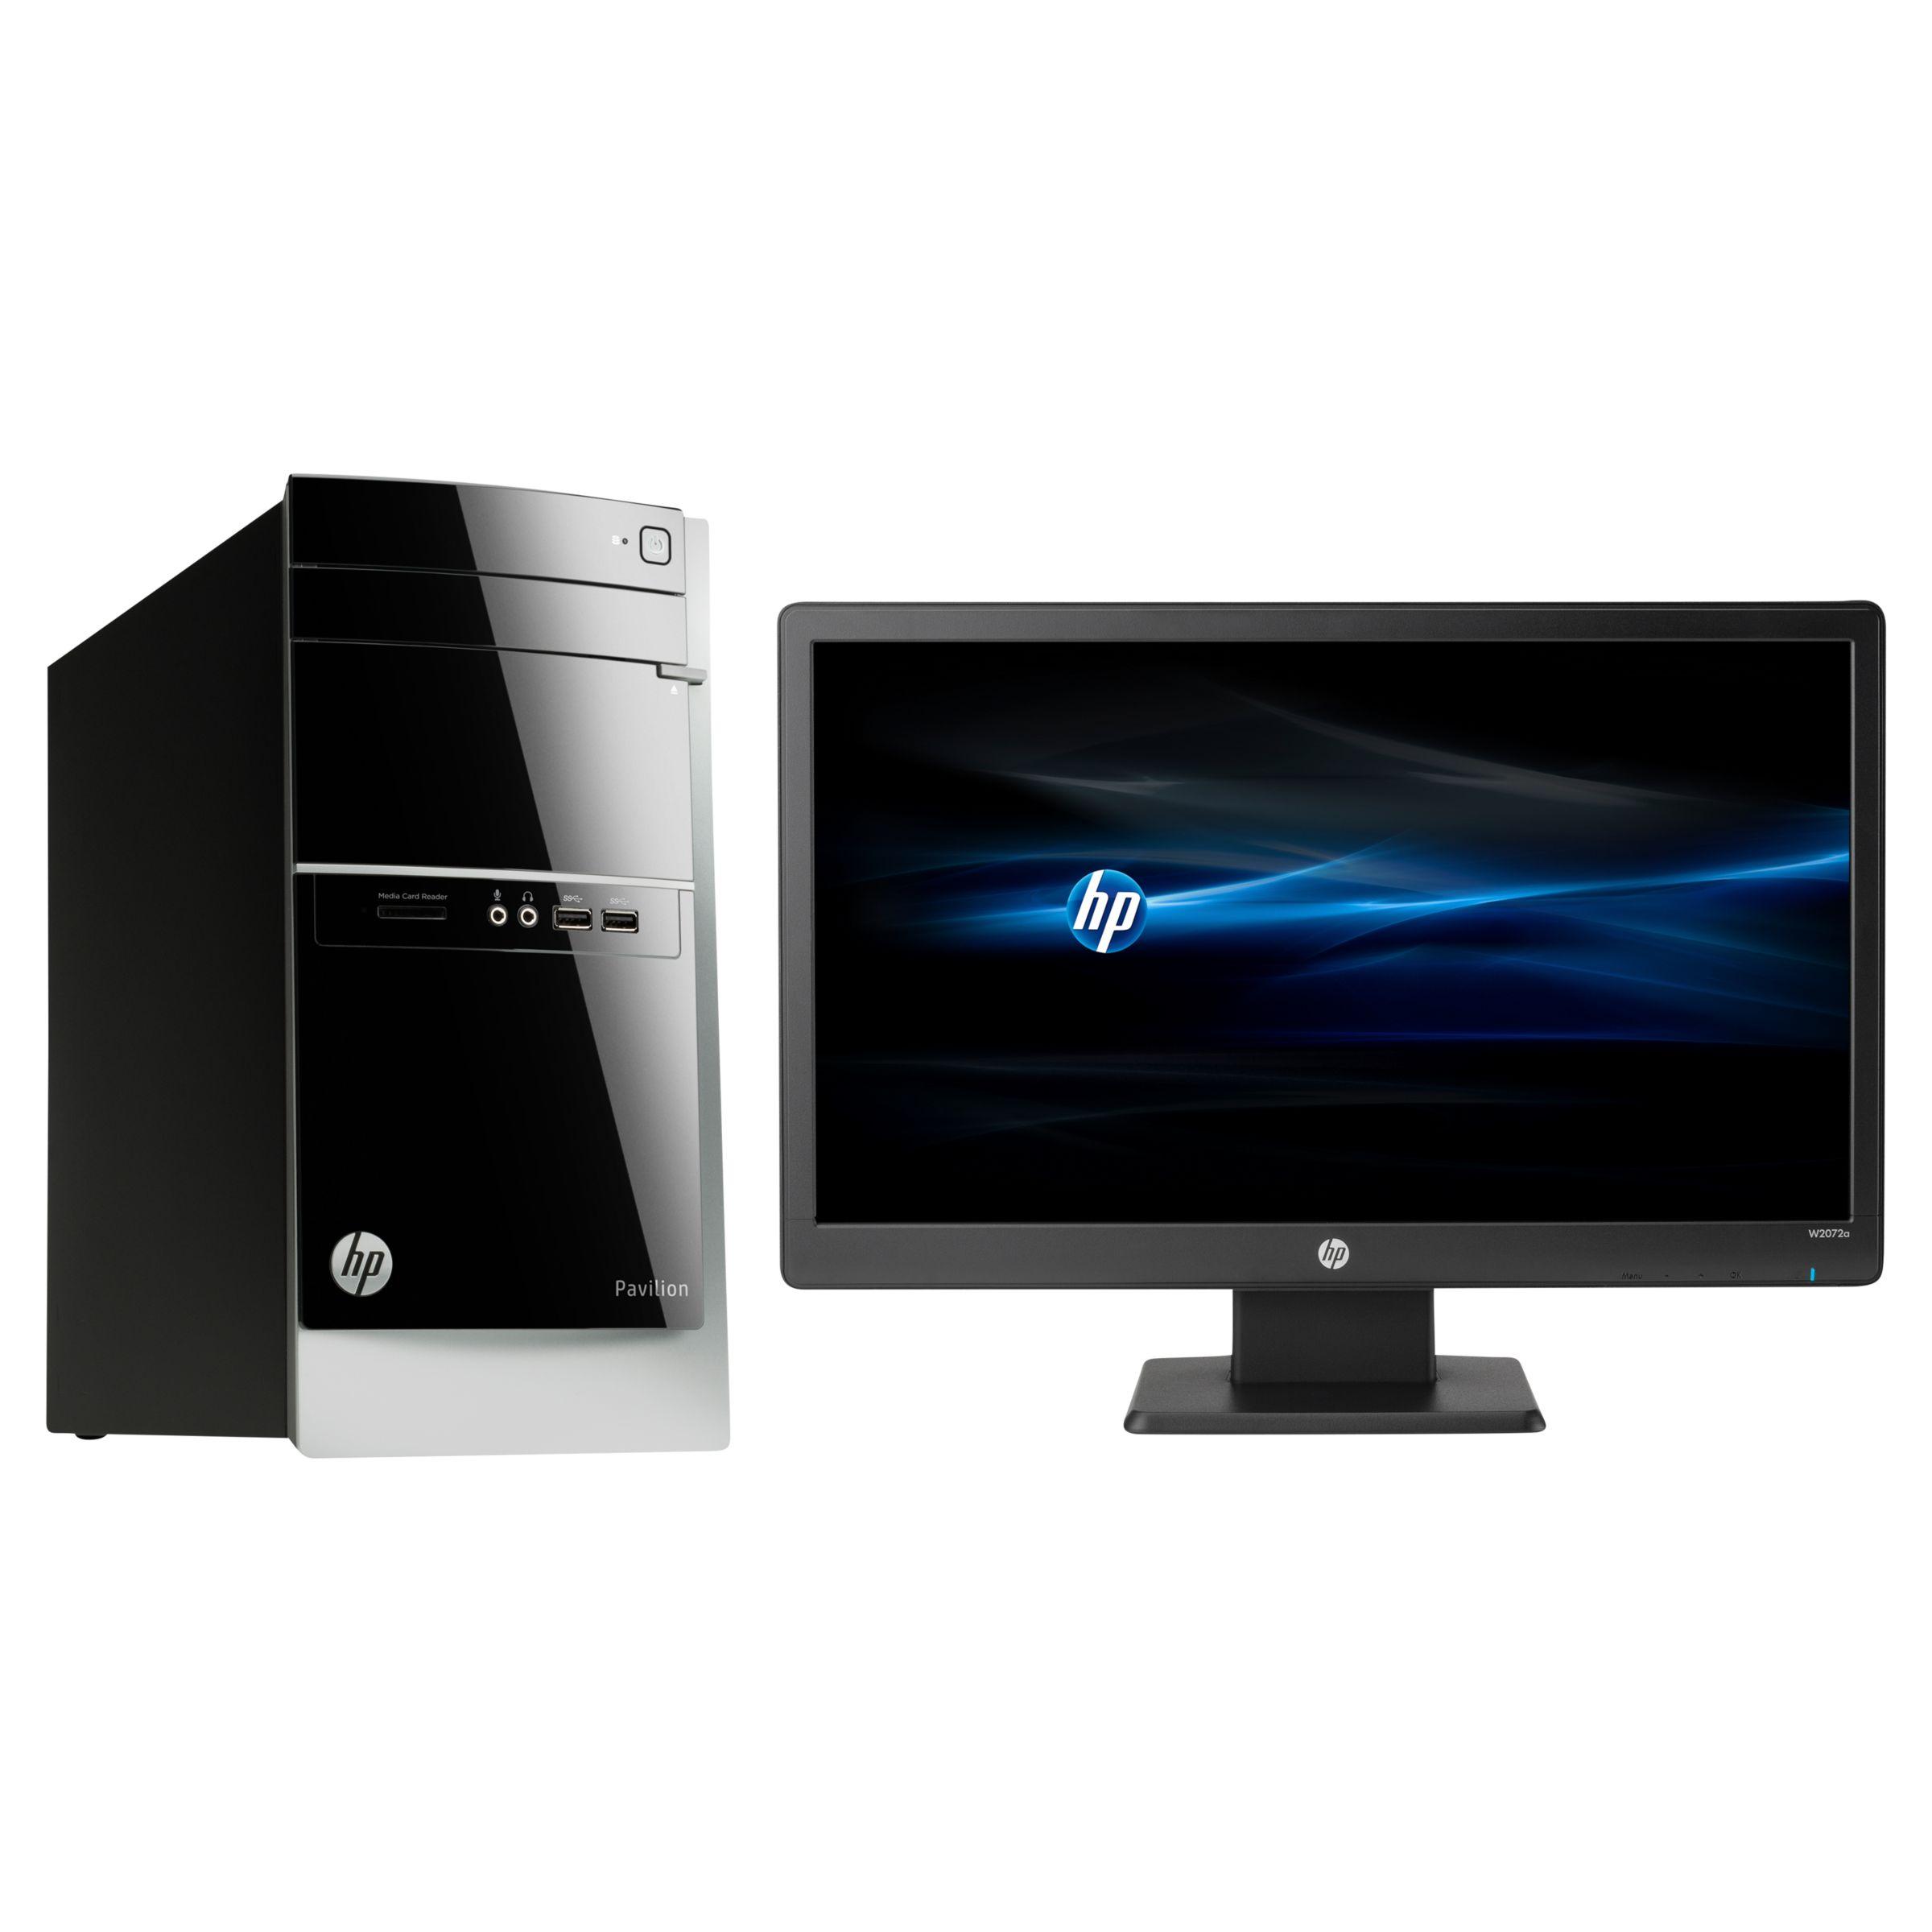 HP Pavilion 500-386nam Desktop PC and W2072a 20